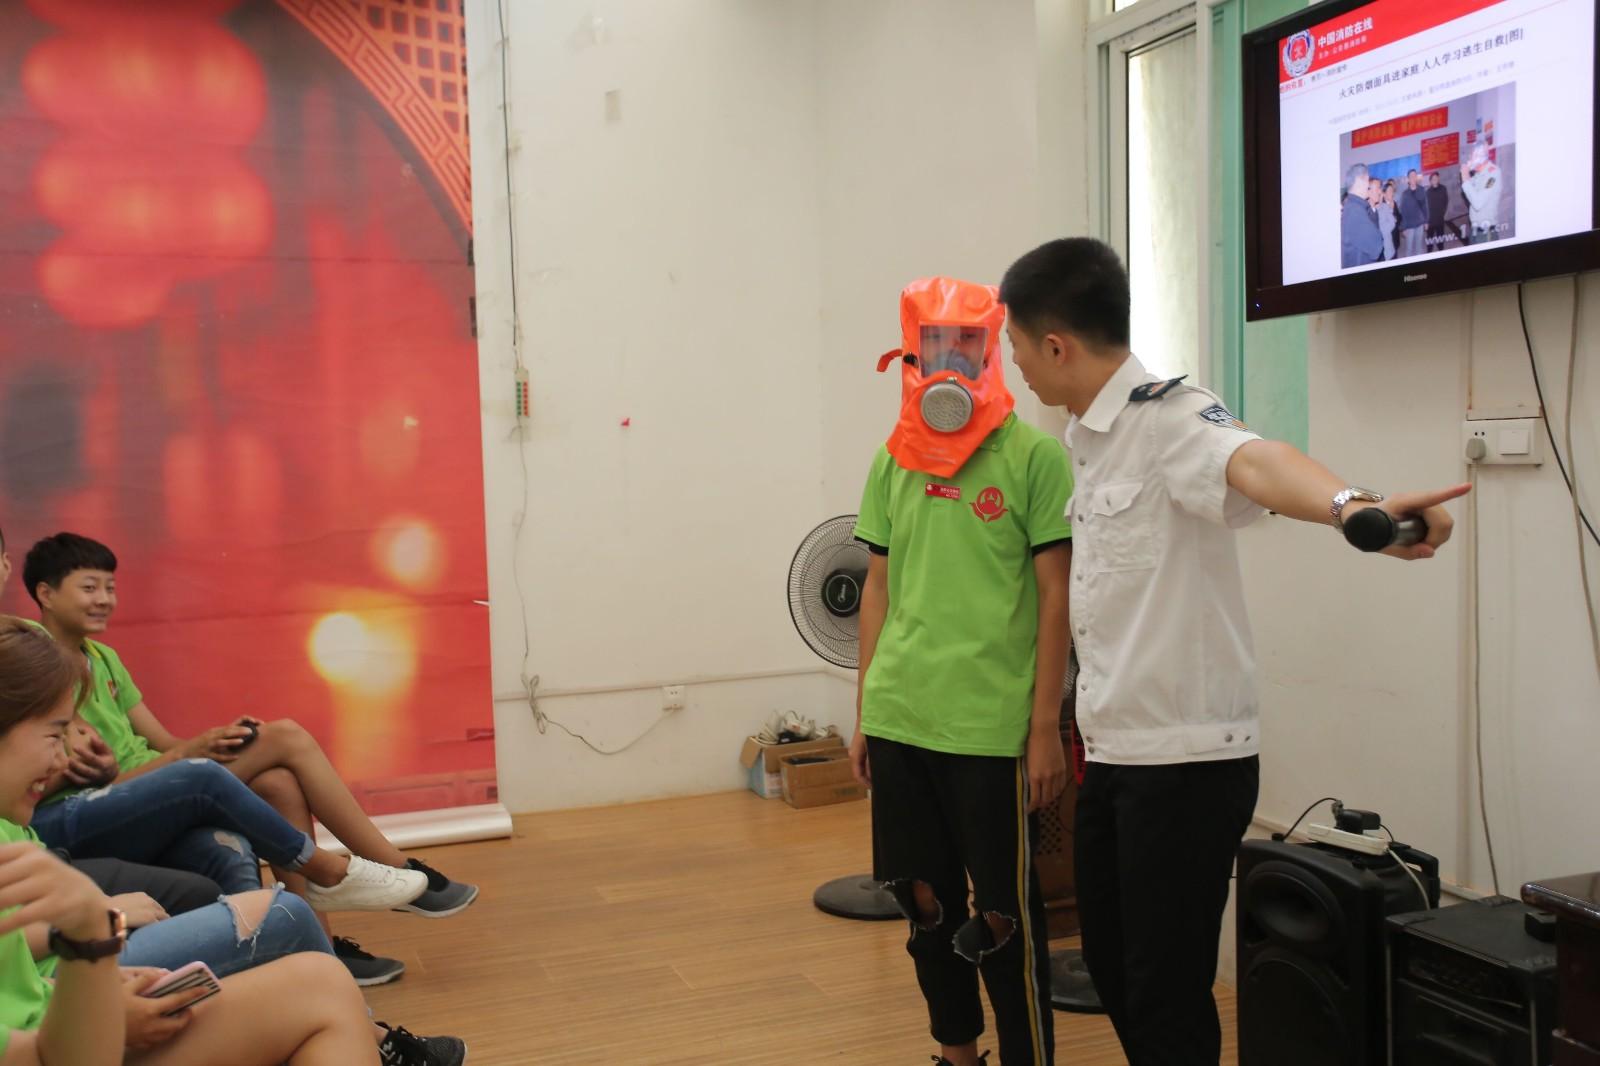 摄影培训学校-秋季消防演讲 校园活动-济南人像摄影职业技能培训学校